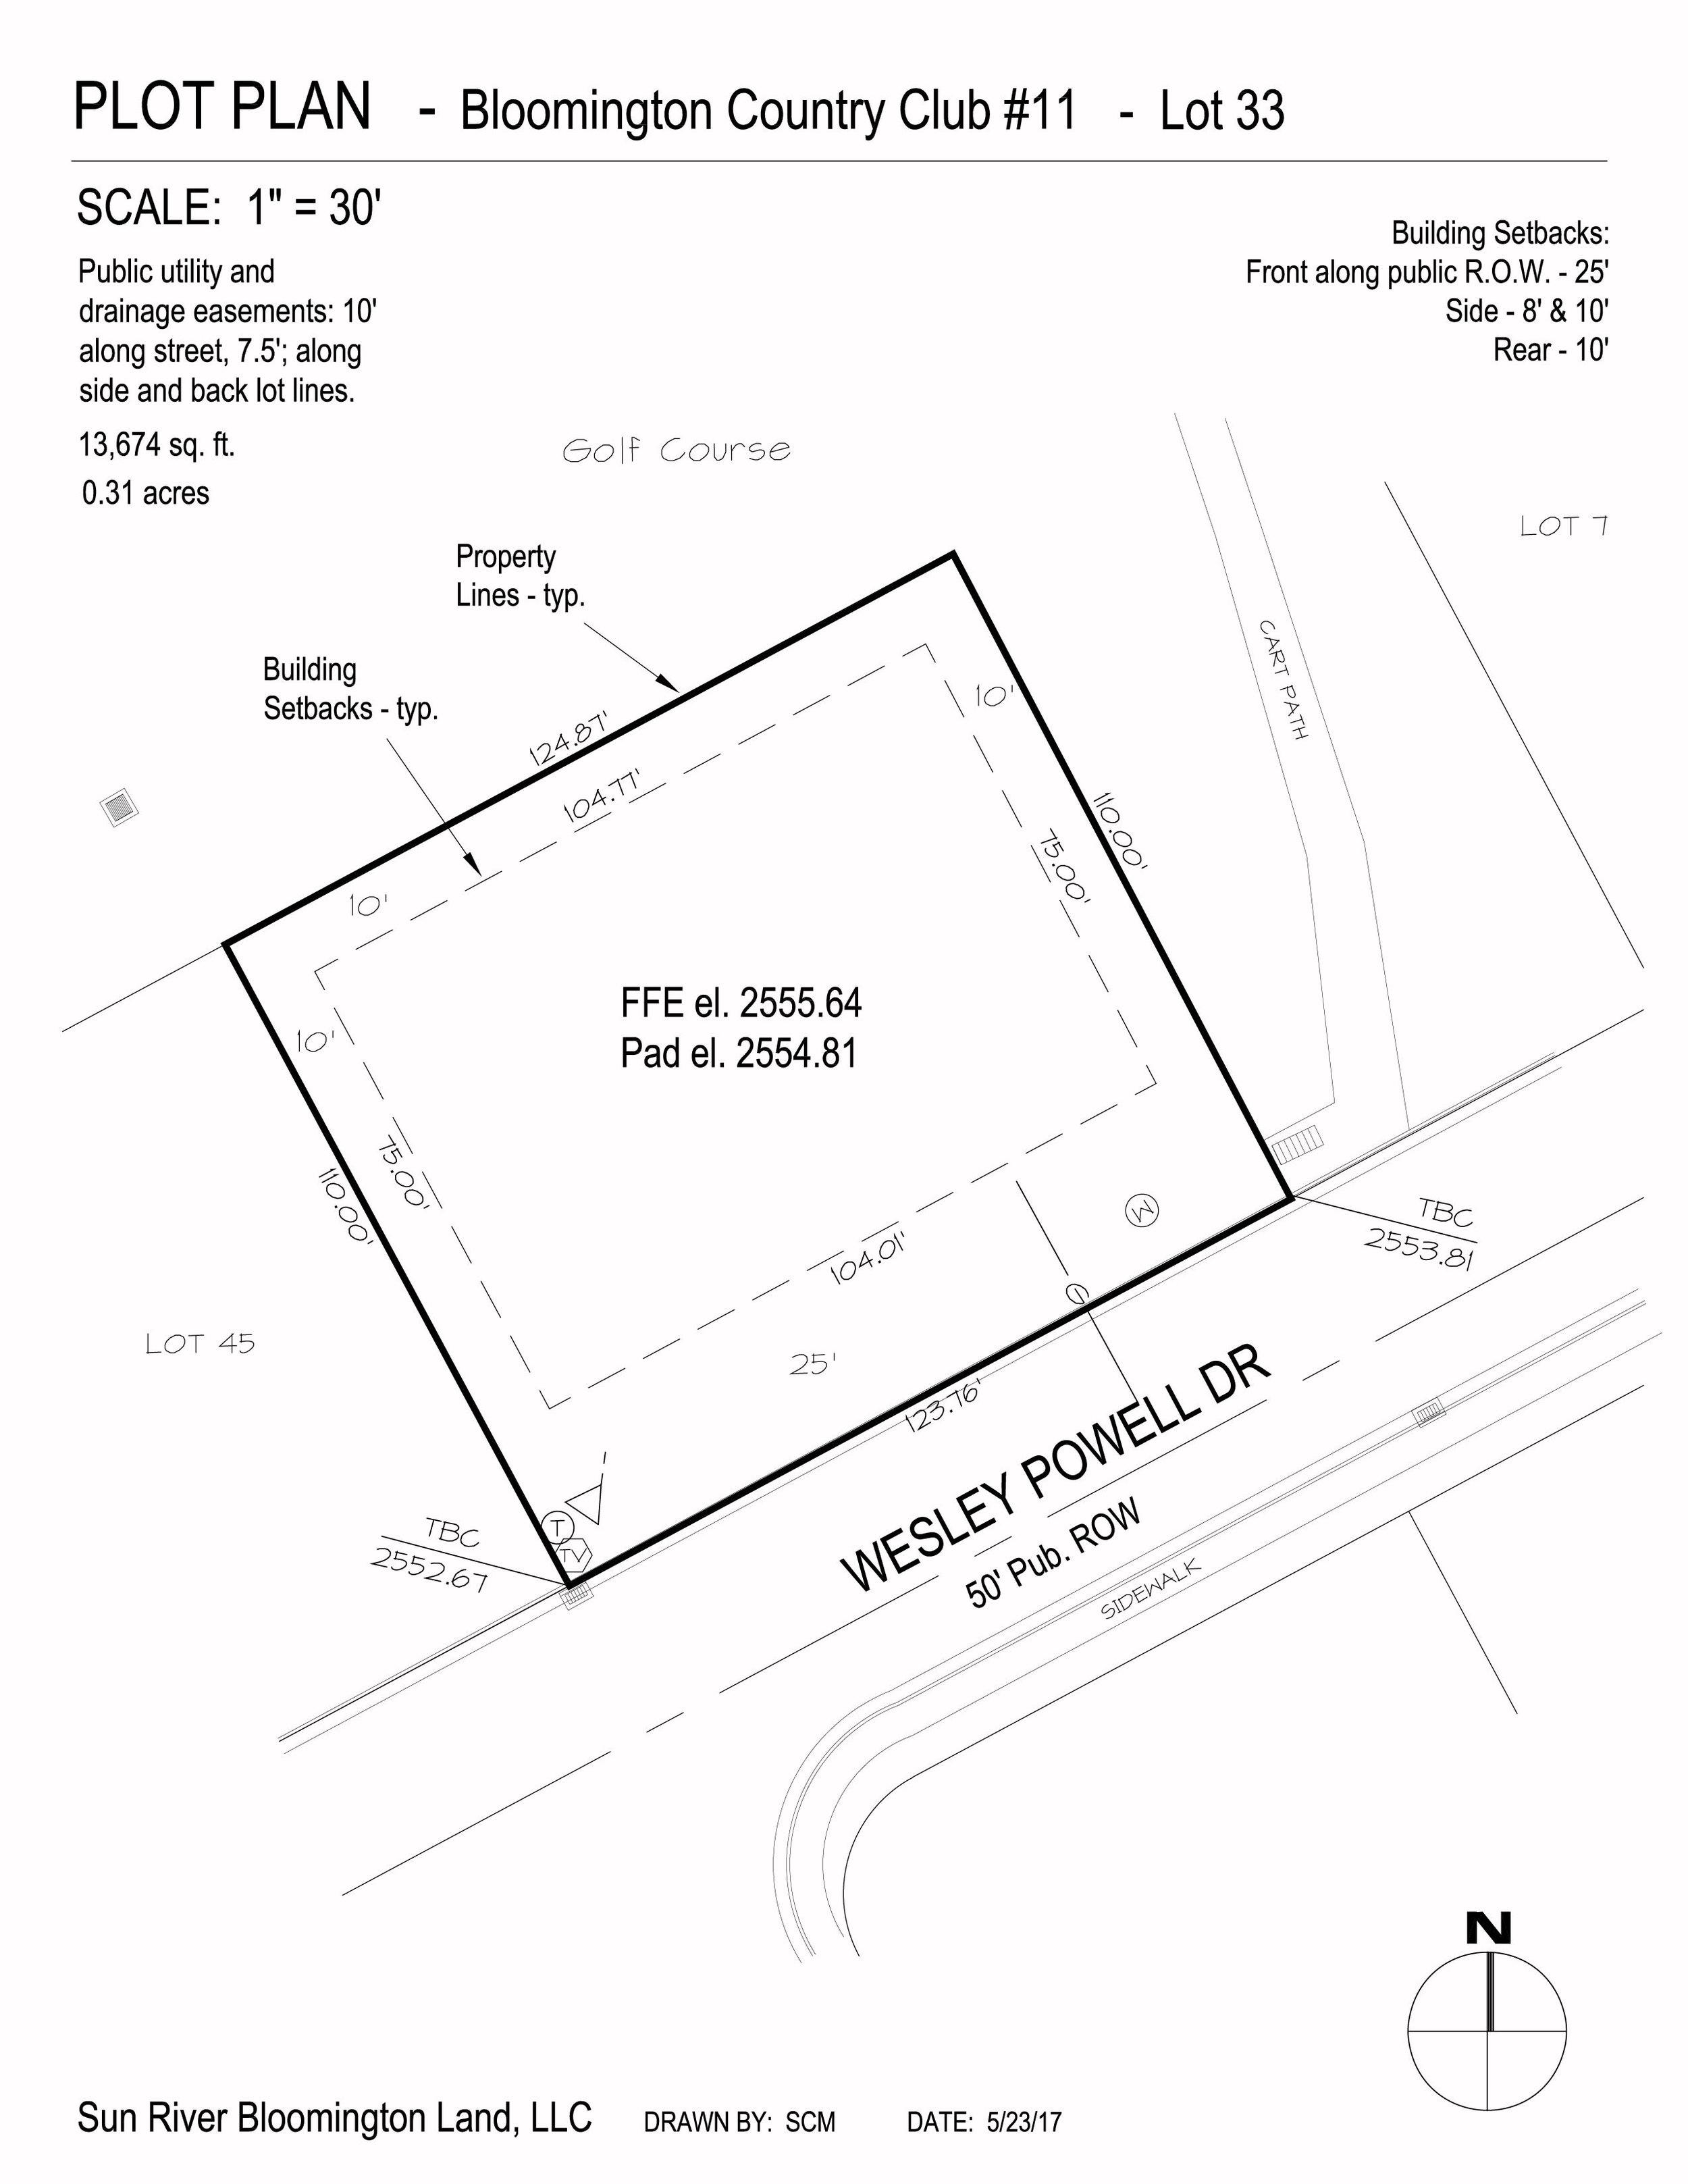 hamblin plot plans-26.jpg